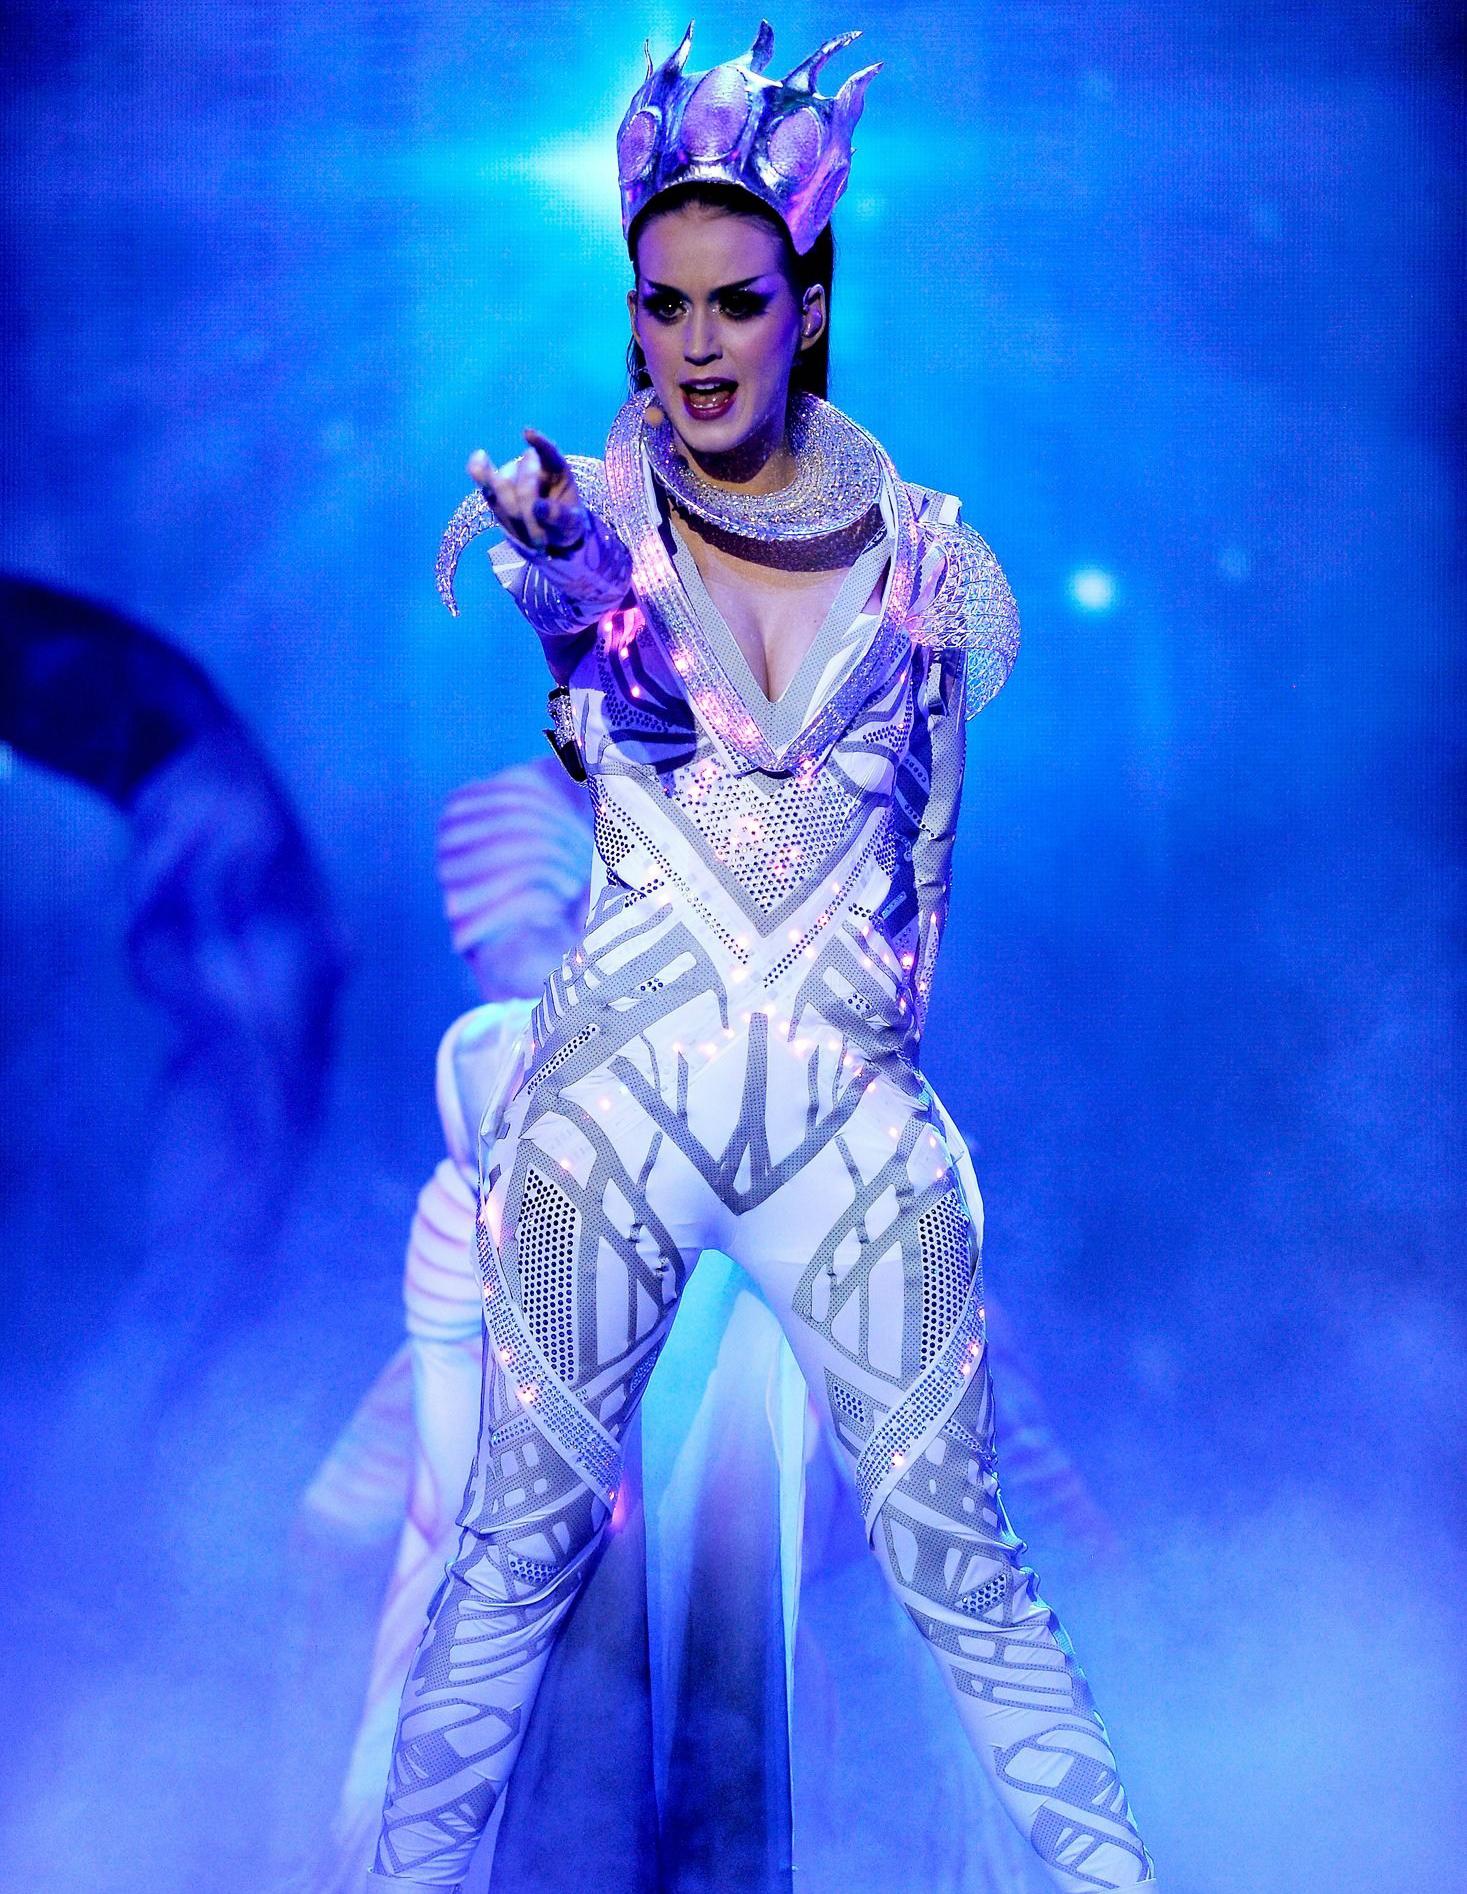 La chanteuse américaine Katy Perry interprète le morceau E.T., le 21 avril 2011, sur la scène de l'émission American Idol, en catsuit de la marque anglaise CuteCircuit, dont les leds interactifs chatoient sur les cristaux Swarovski.